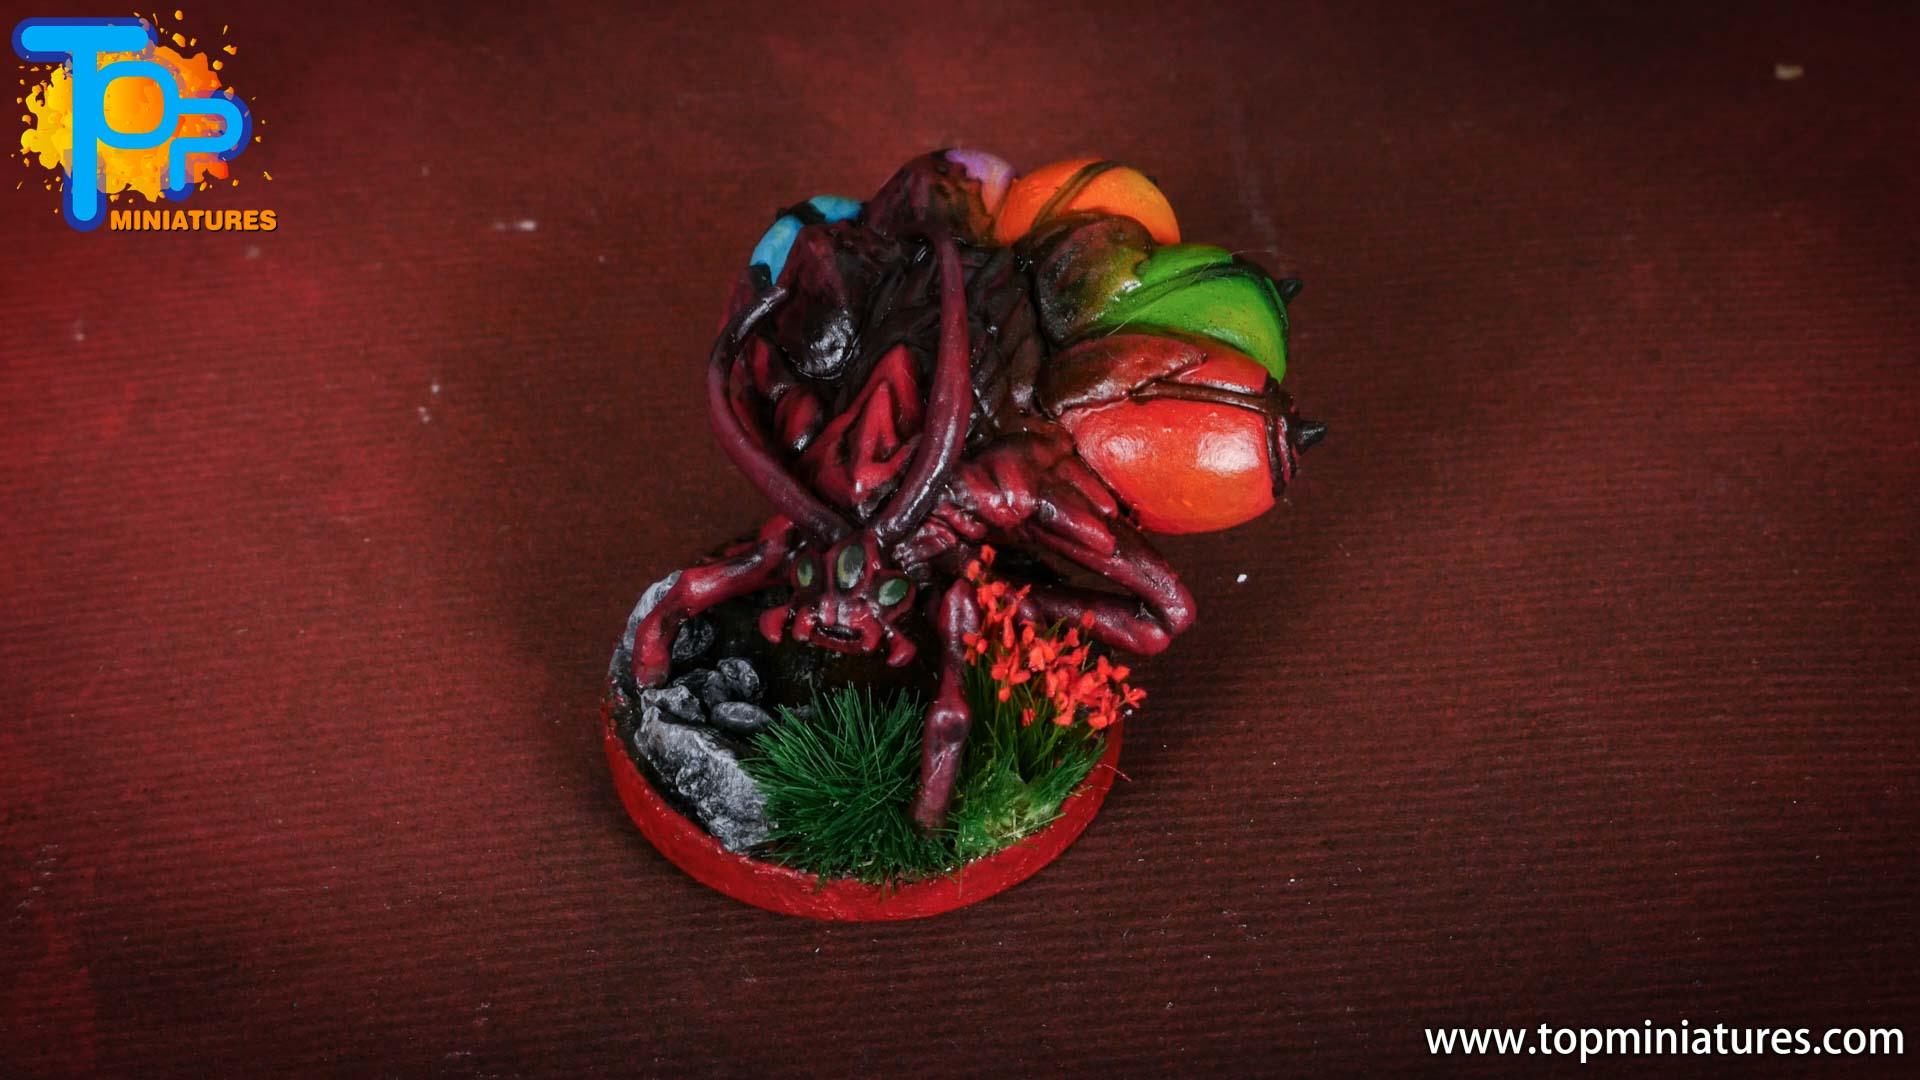 middara painted miniatures fragor (1)